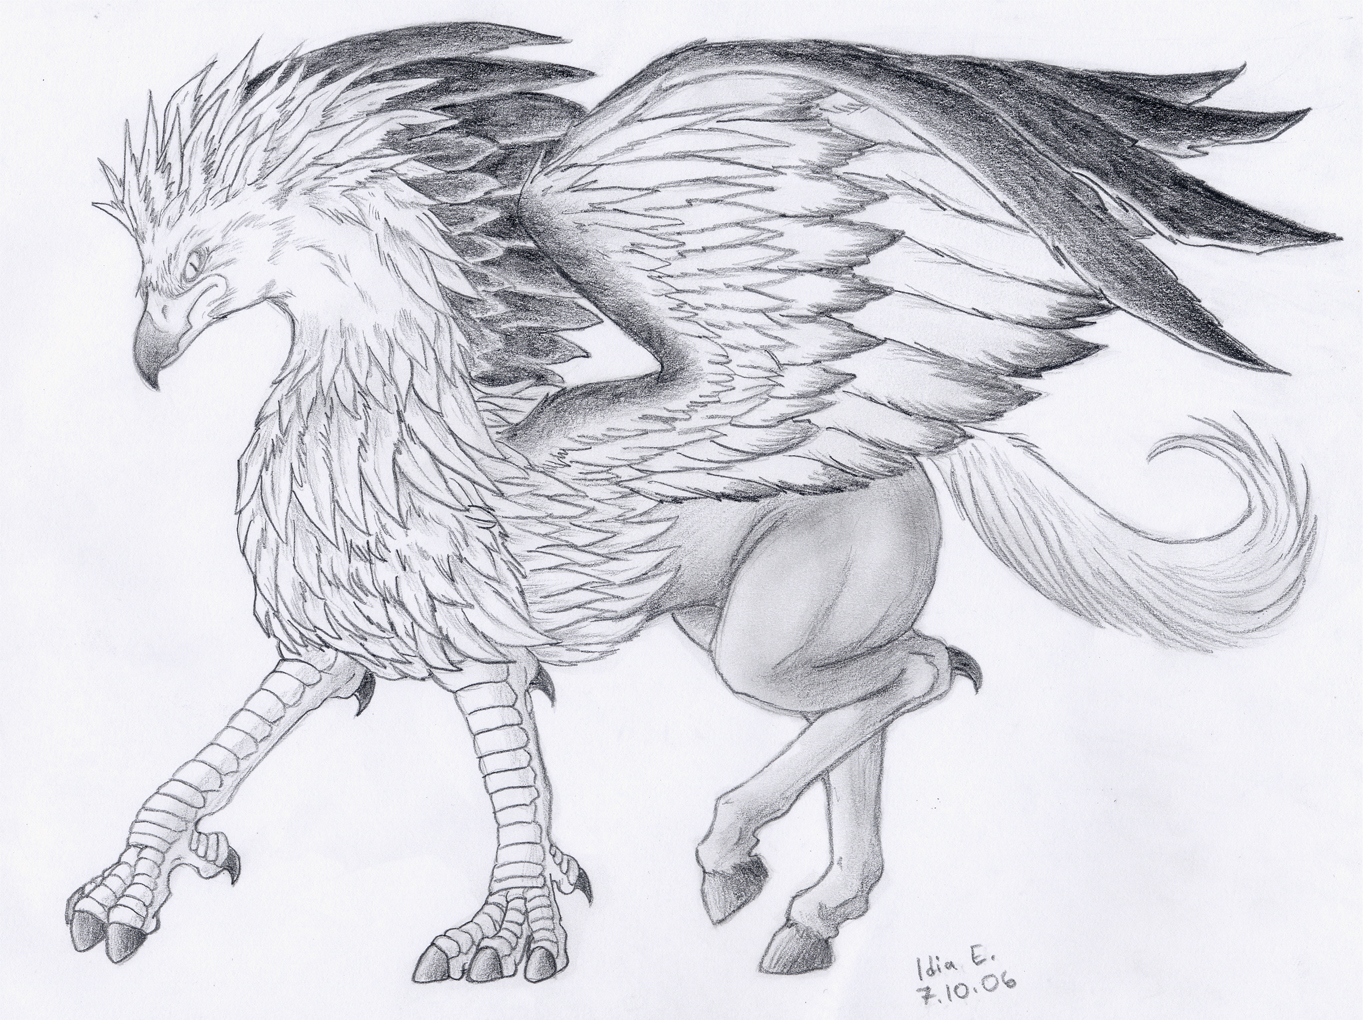 Monstruos mitologicos el grifo y el hipogrifo for Grifo dibujo